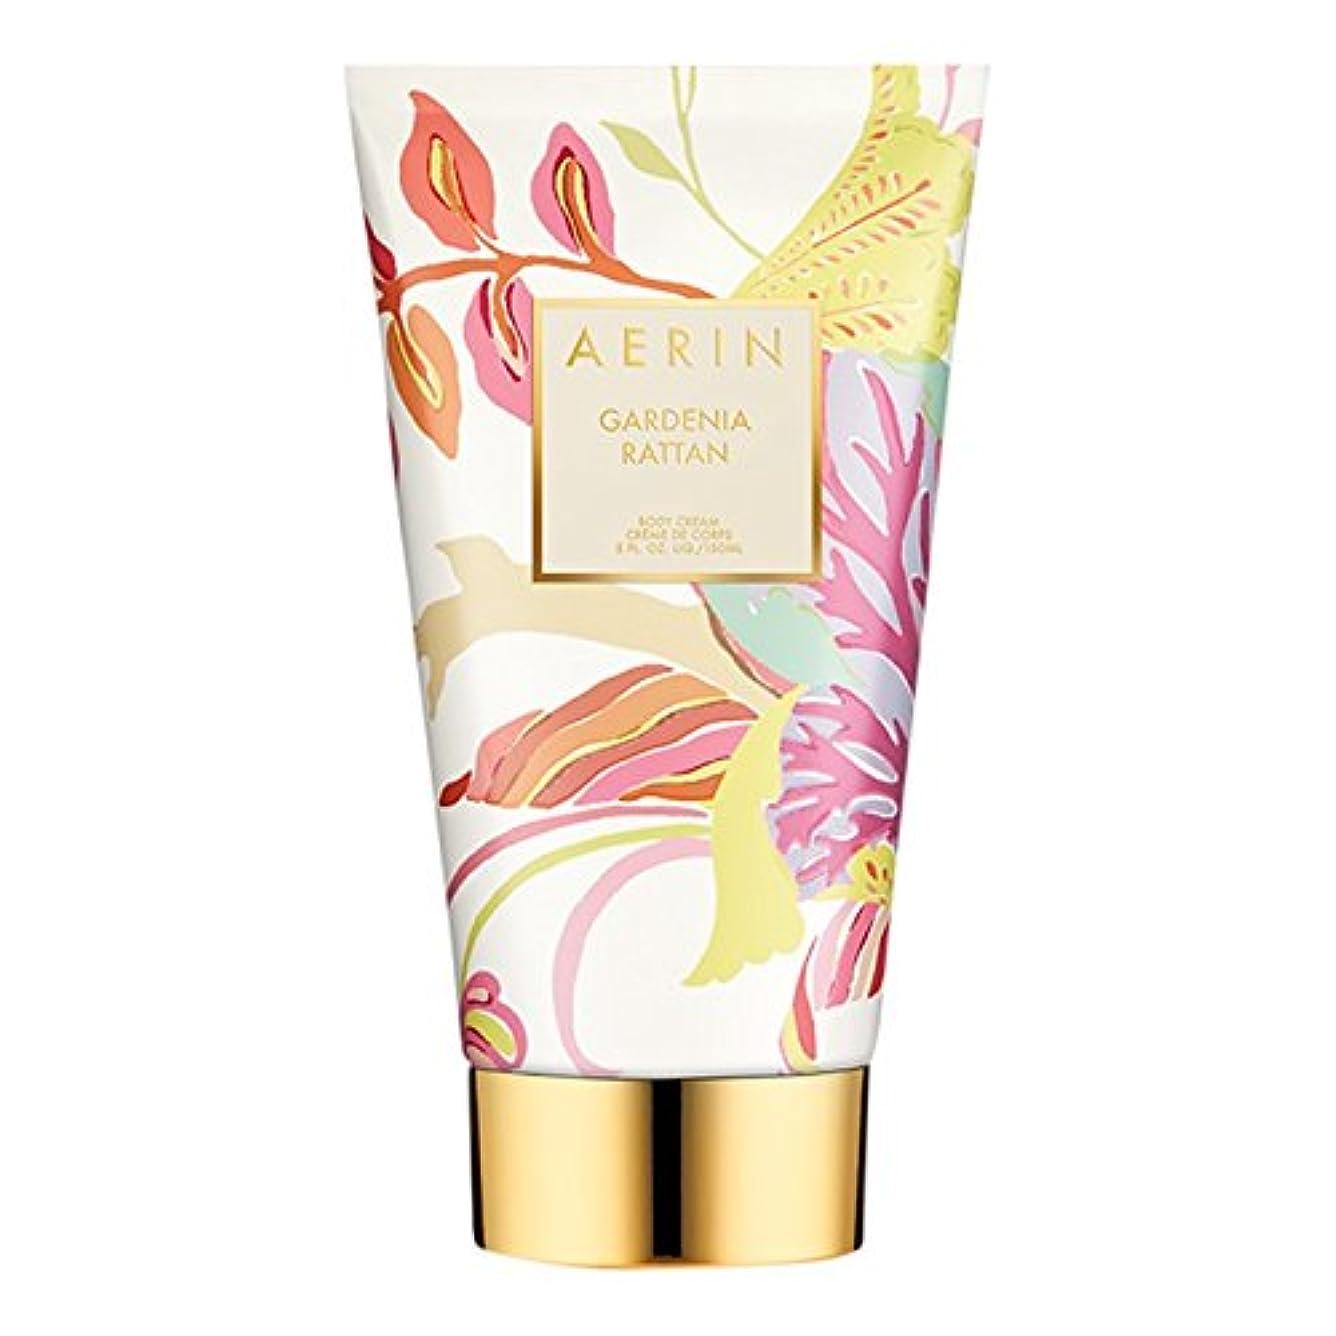 橋脚特性プレゼンターAerinクチナシ籐ボディクリーム150ミリリットル (AERIN) (x6) - AERIN Gardenia Rattan Body Cream 150ml (Pack of 6) [並行輸入品]